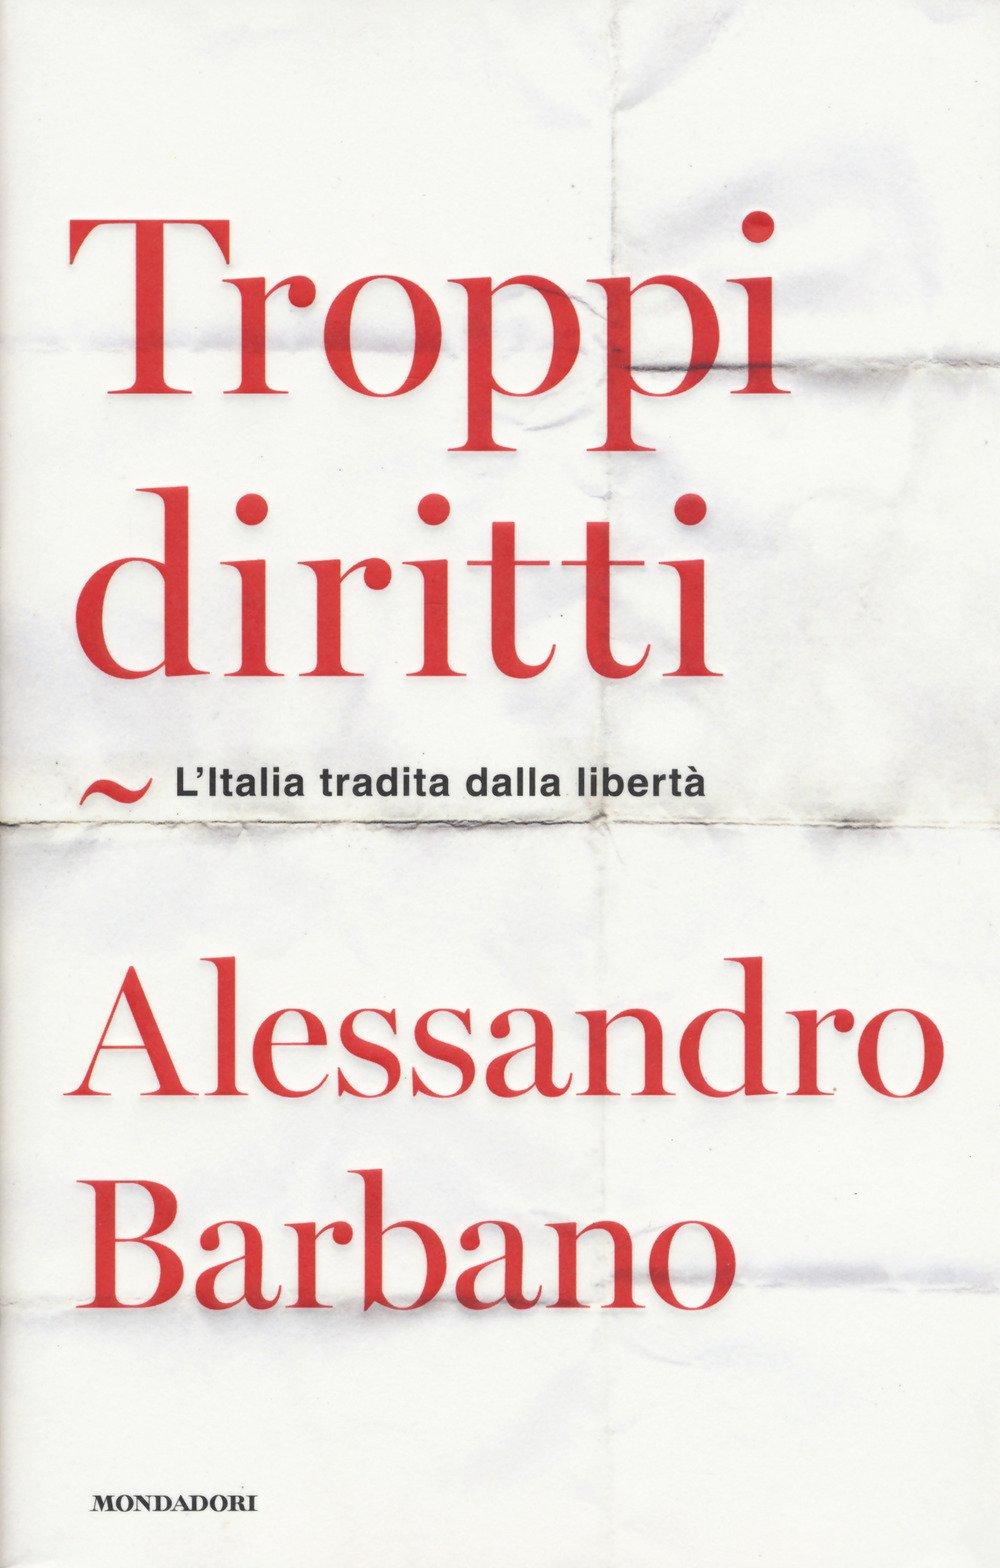 Troppi diritti: l'Italia tradita dalla libertà – Il Sabato delle Idee al San Carlo per la presentazione del libro di Alessandro Barbano